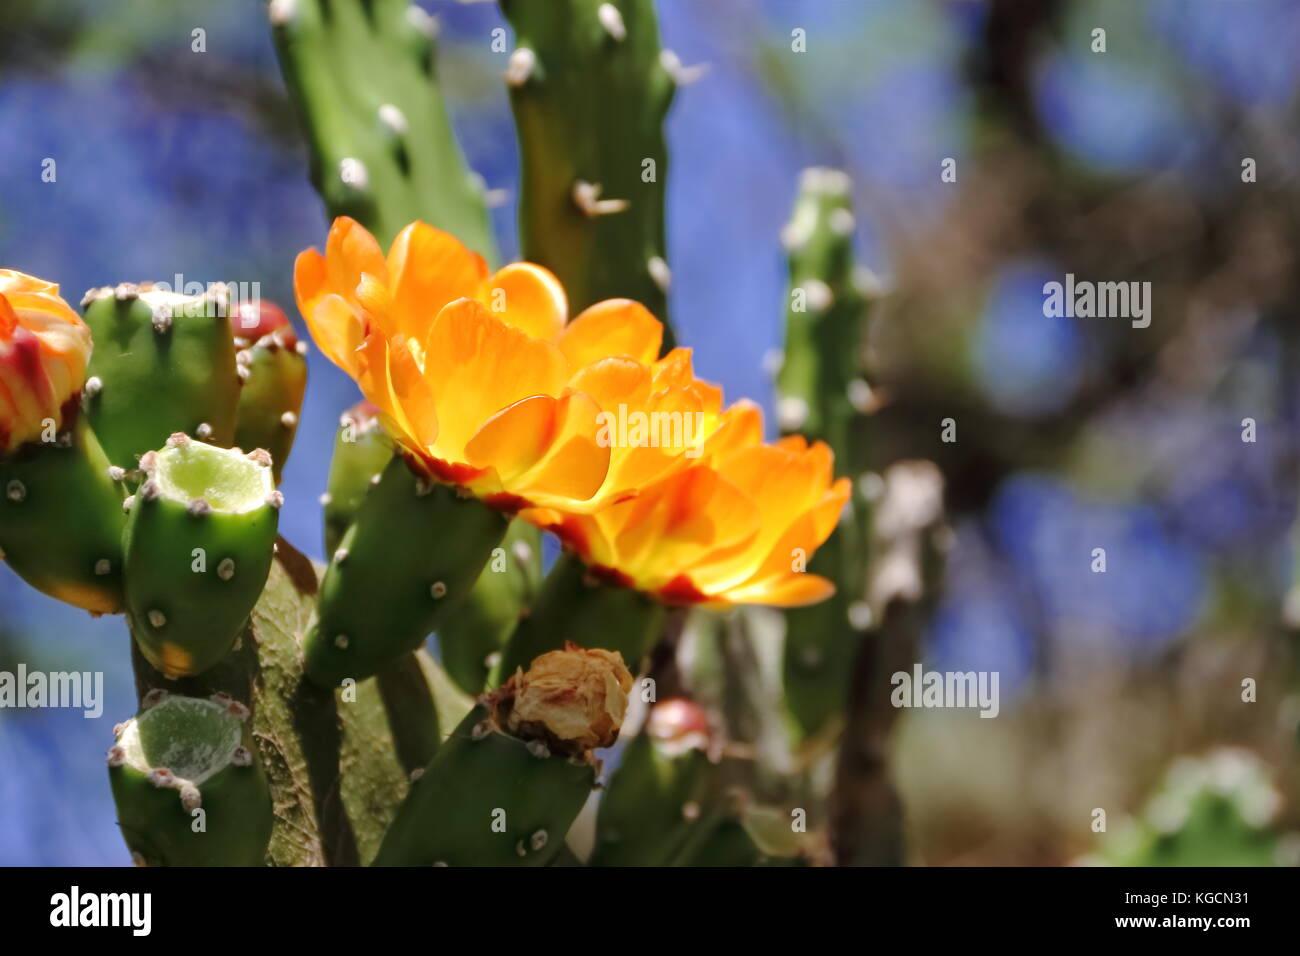 Cactus E Piante Grasse Con Fiori Gialli In Primavera